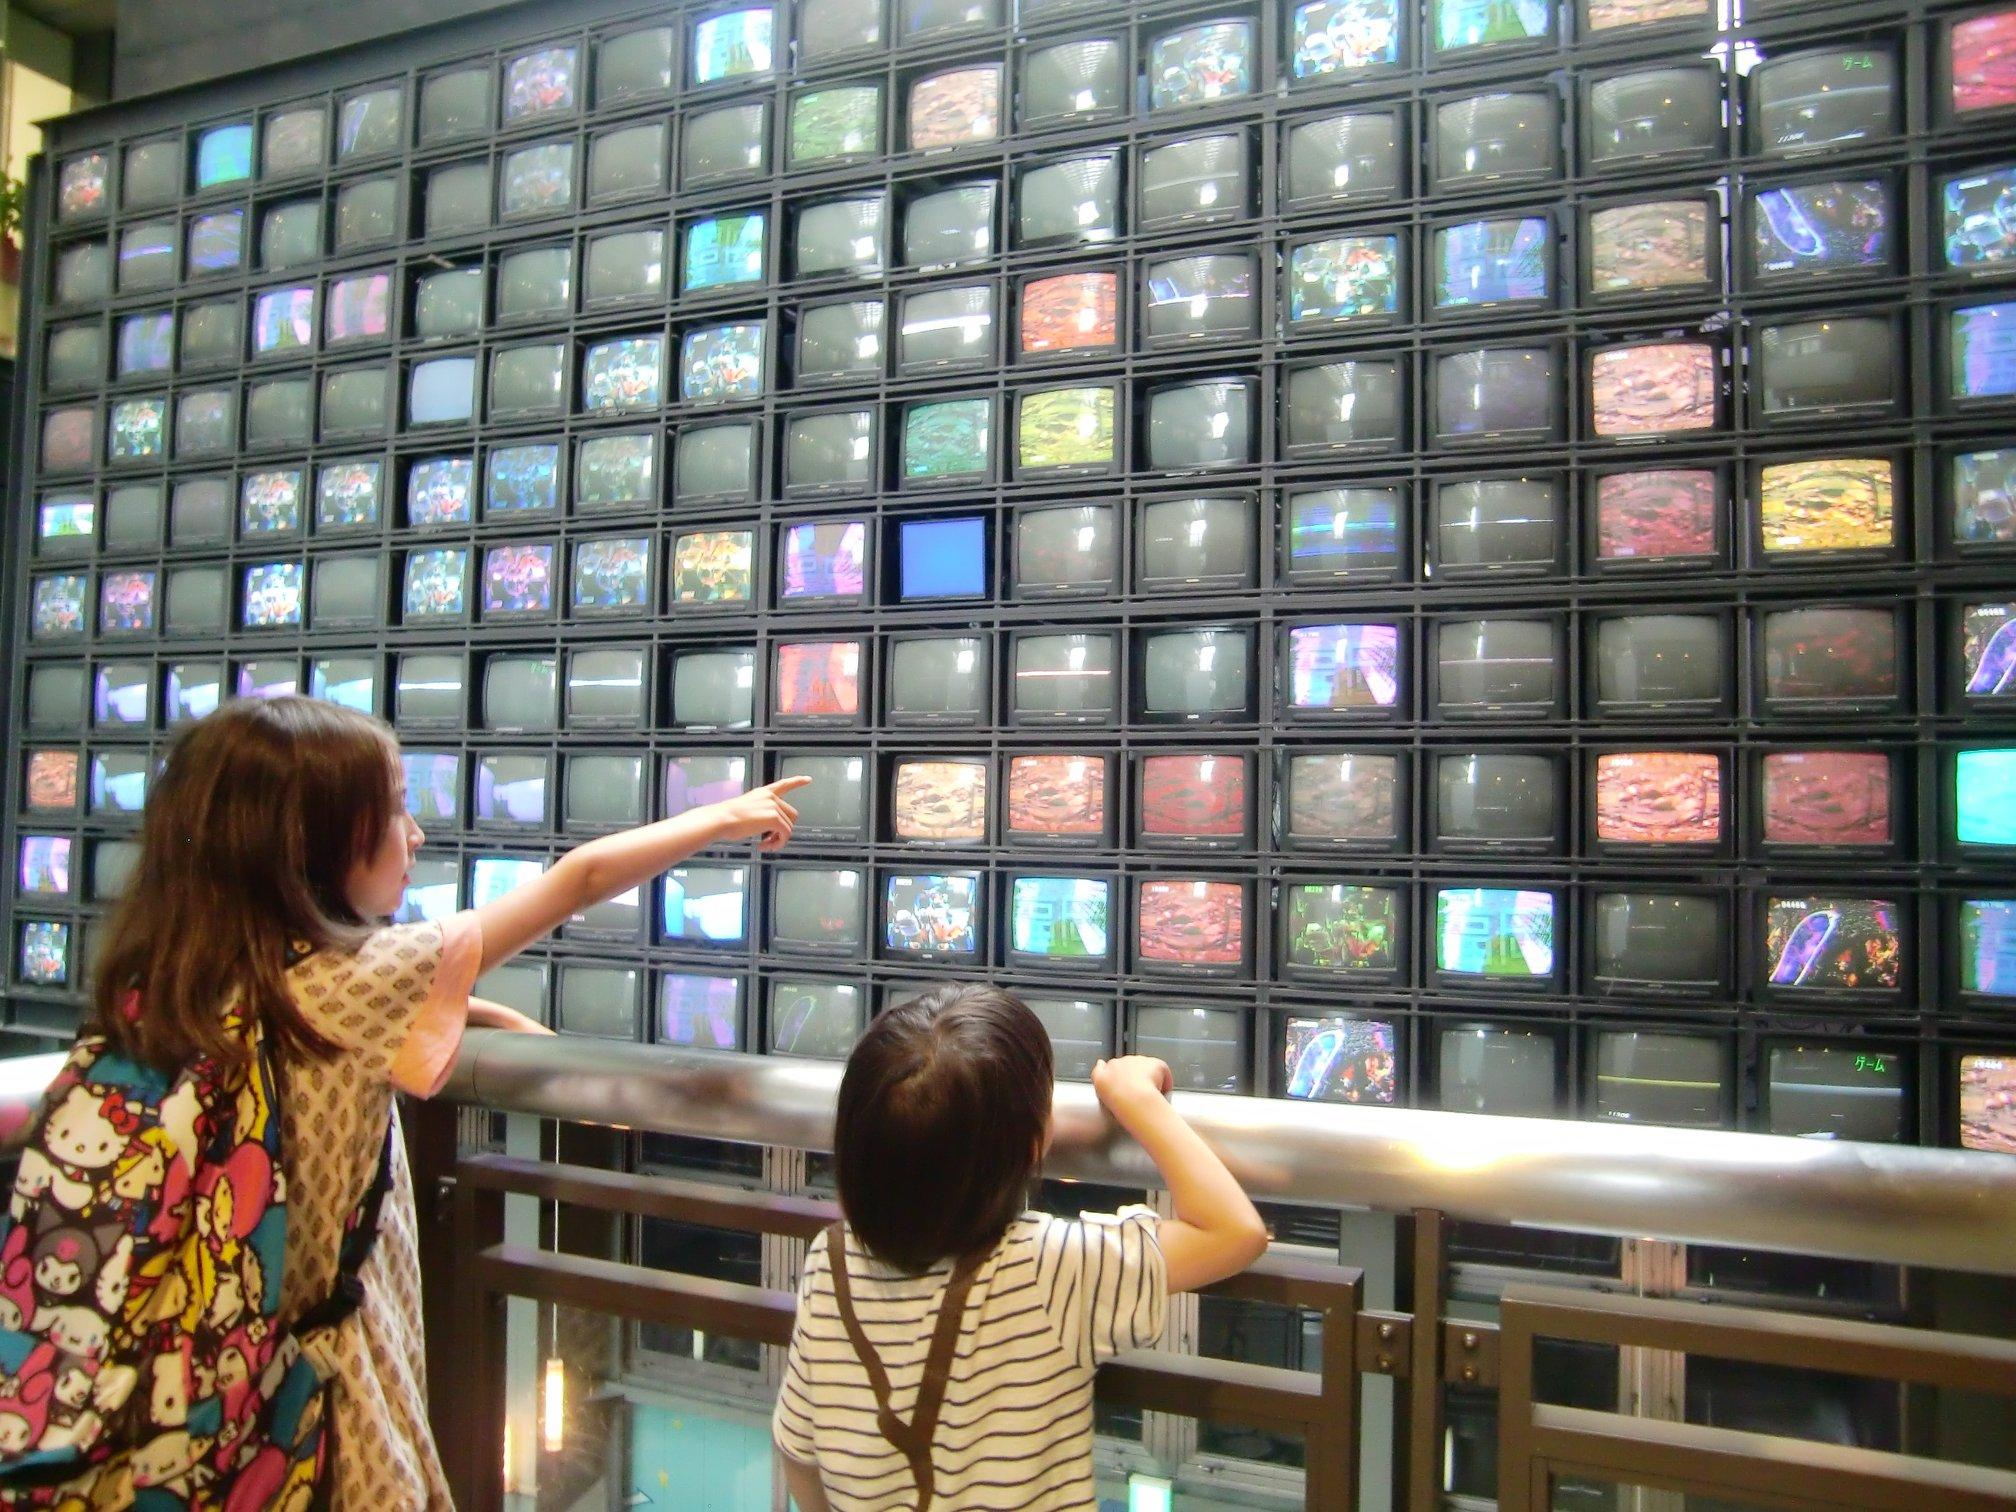 CRT video-wall